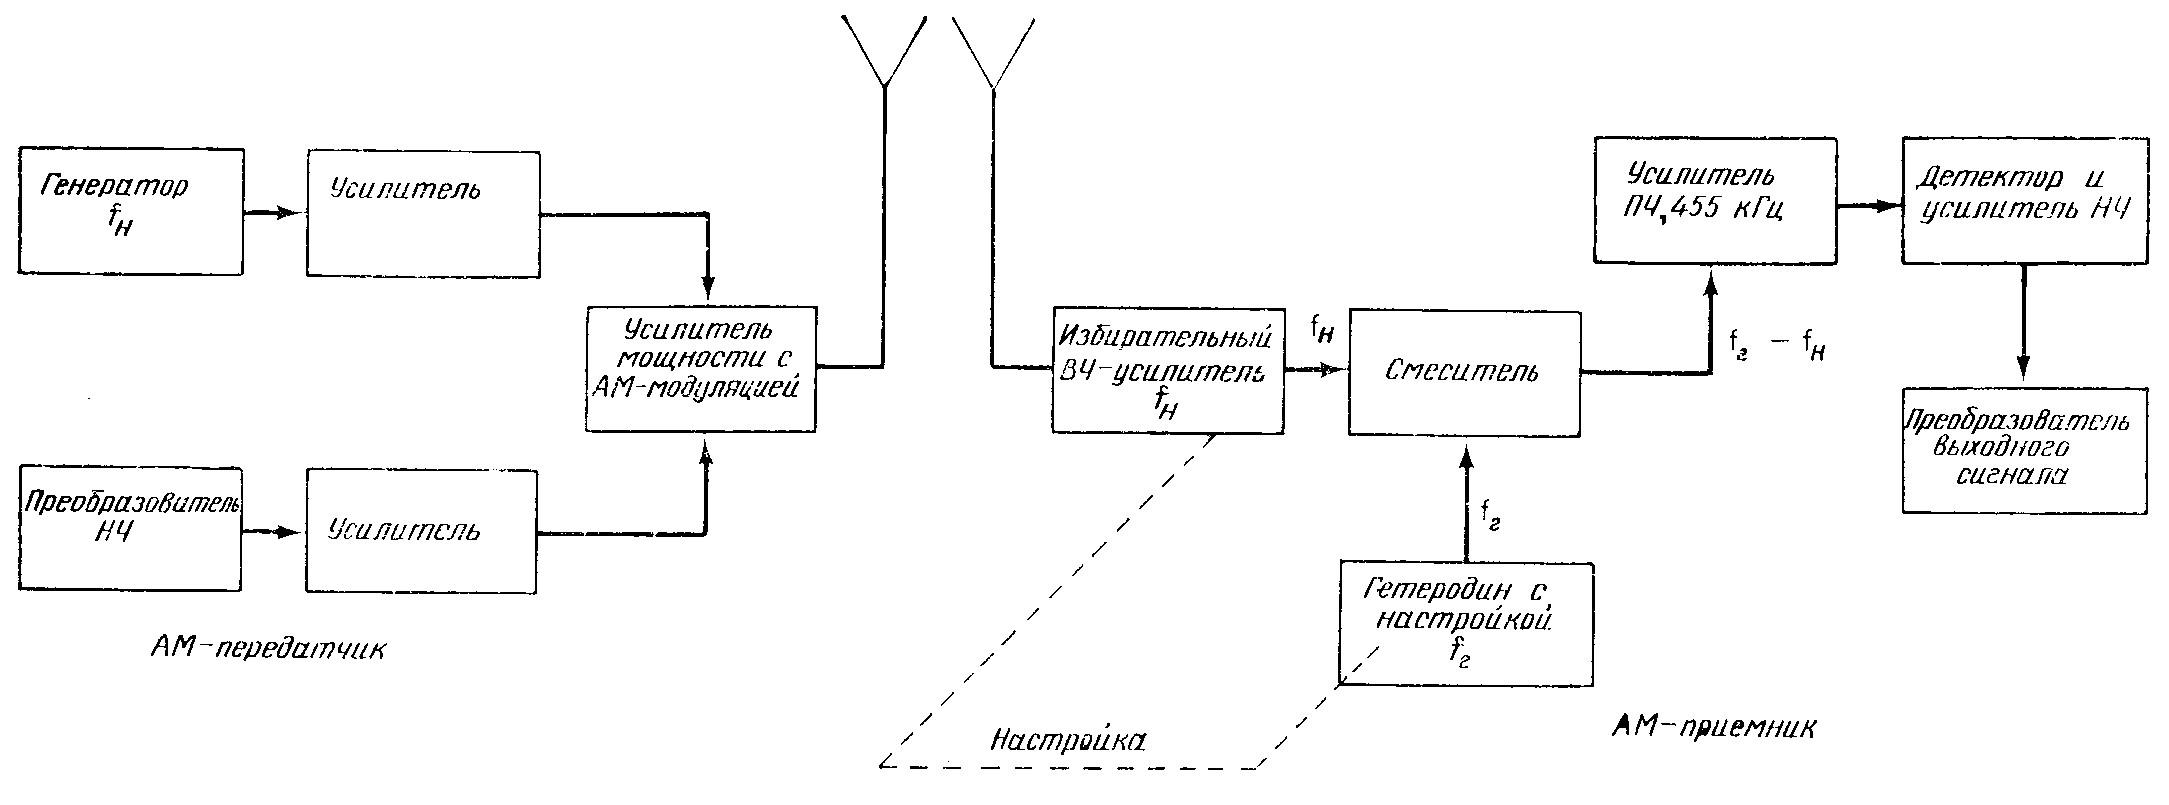 Формирование модулированных сигналов | conture.by